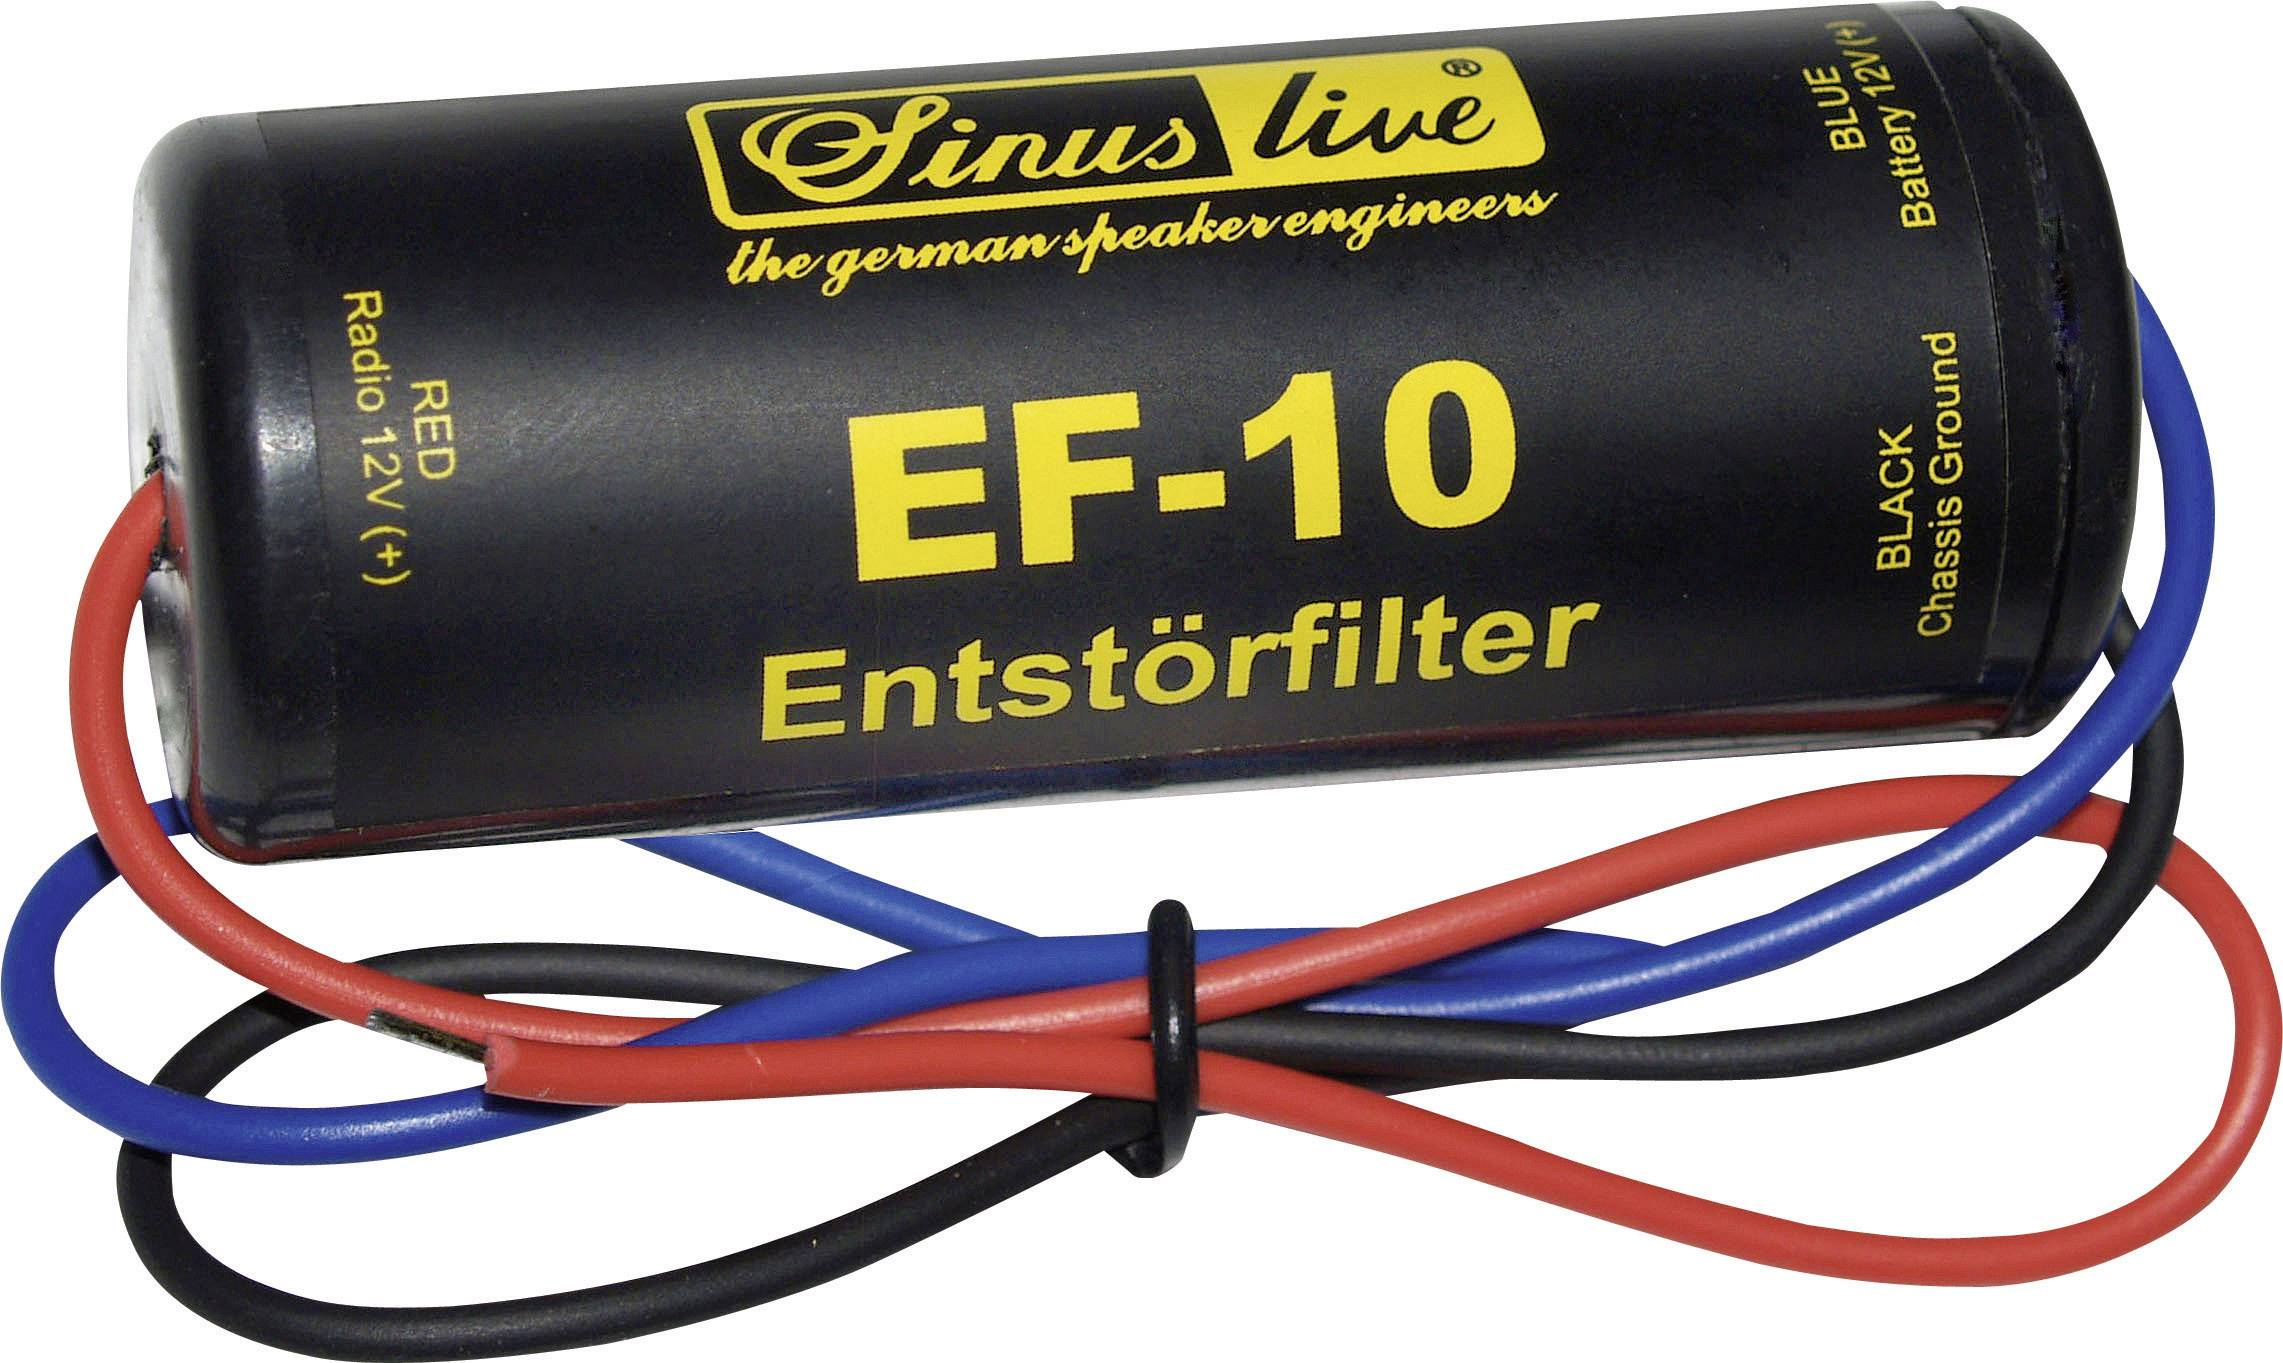 Sinuslive Entstörfilter EF-20 bis 20A Autoradio Massefilter f Bordnetzgeräusche